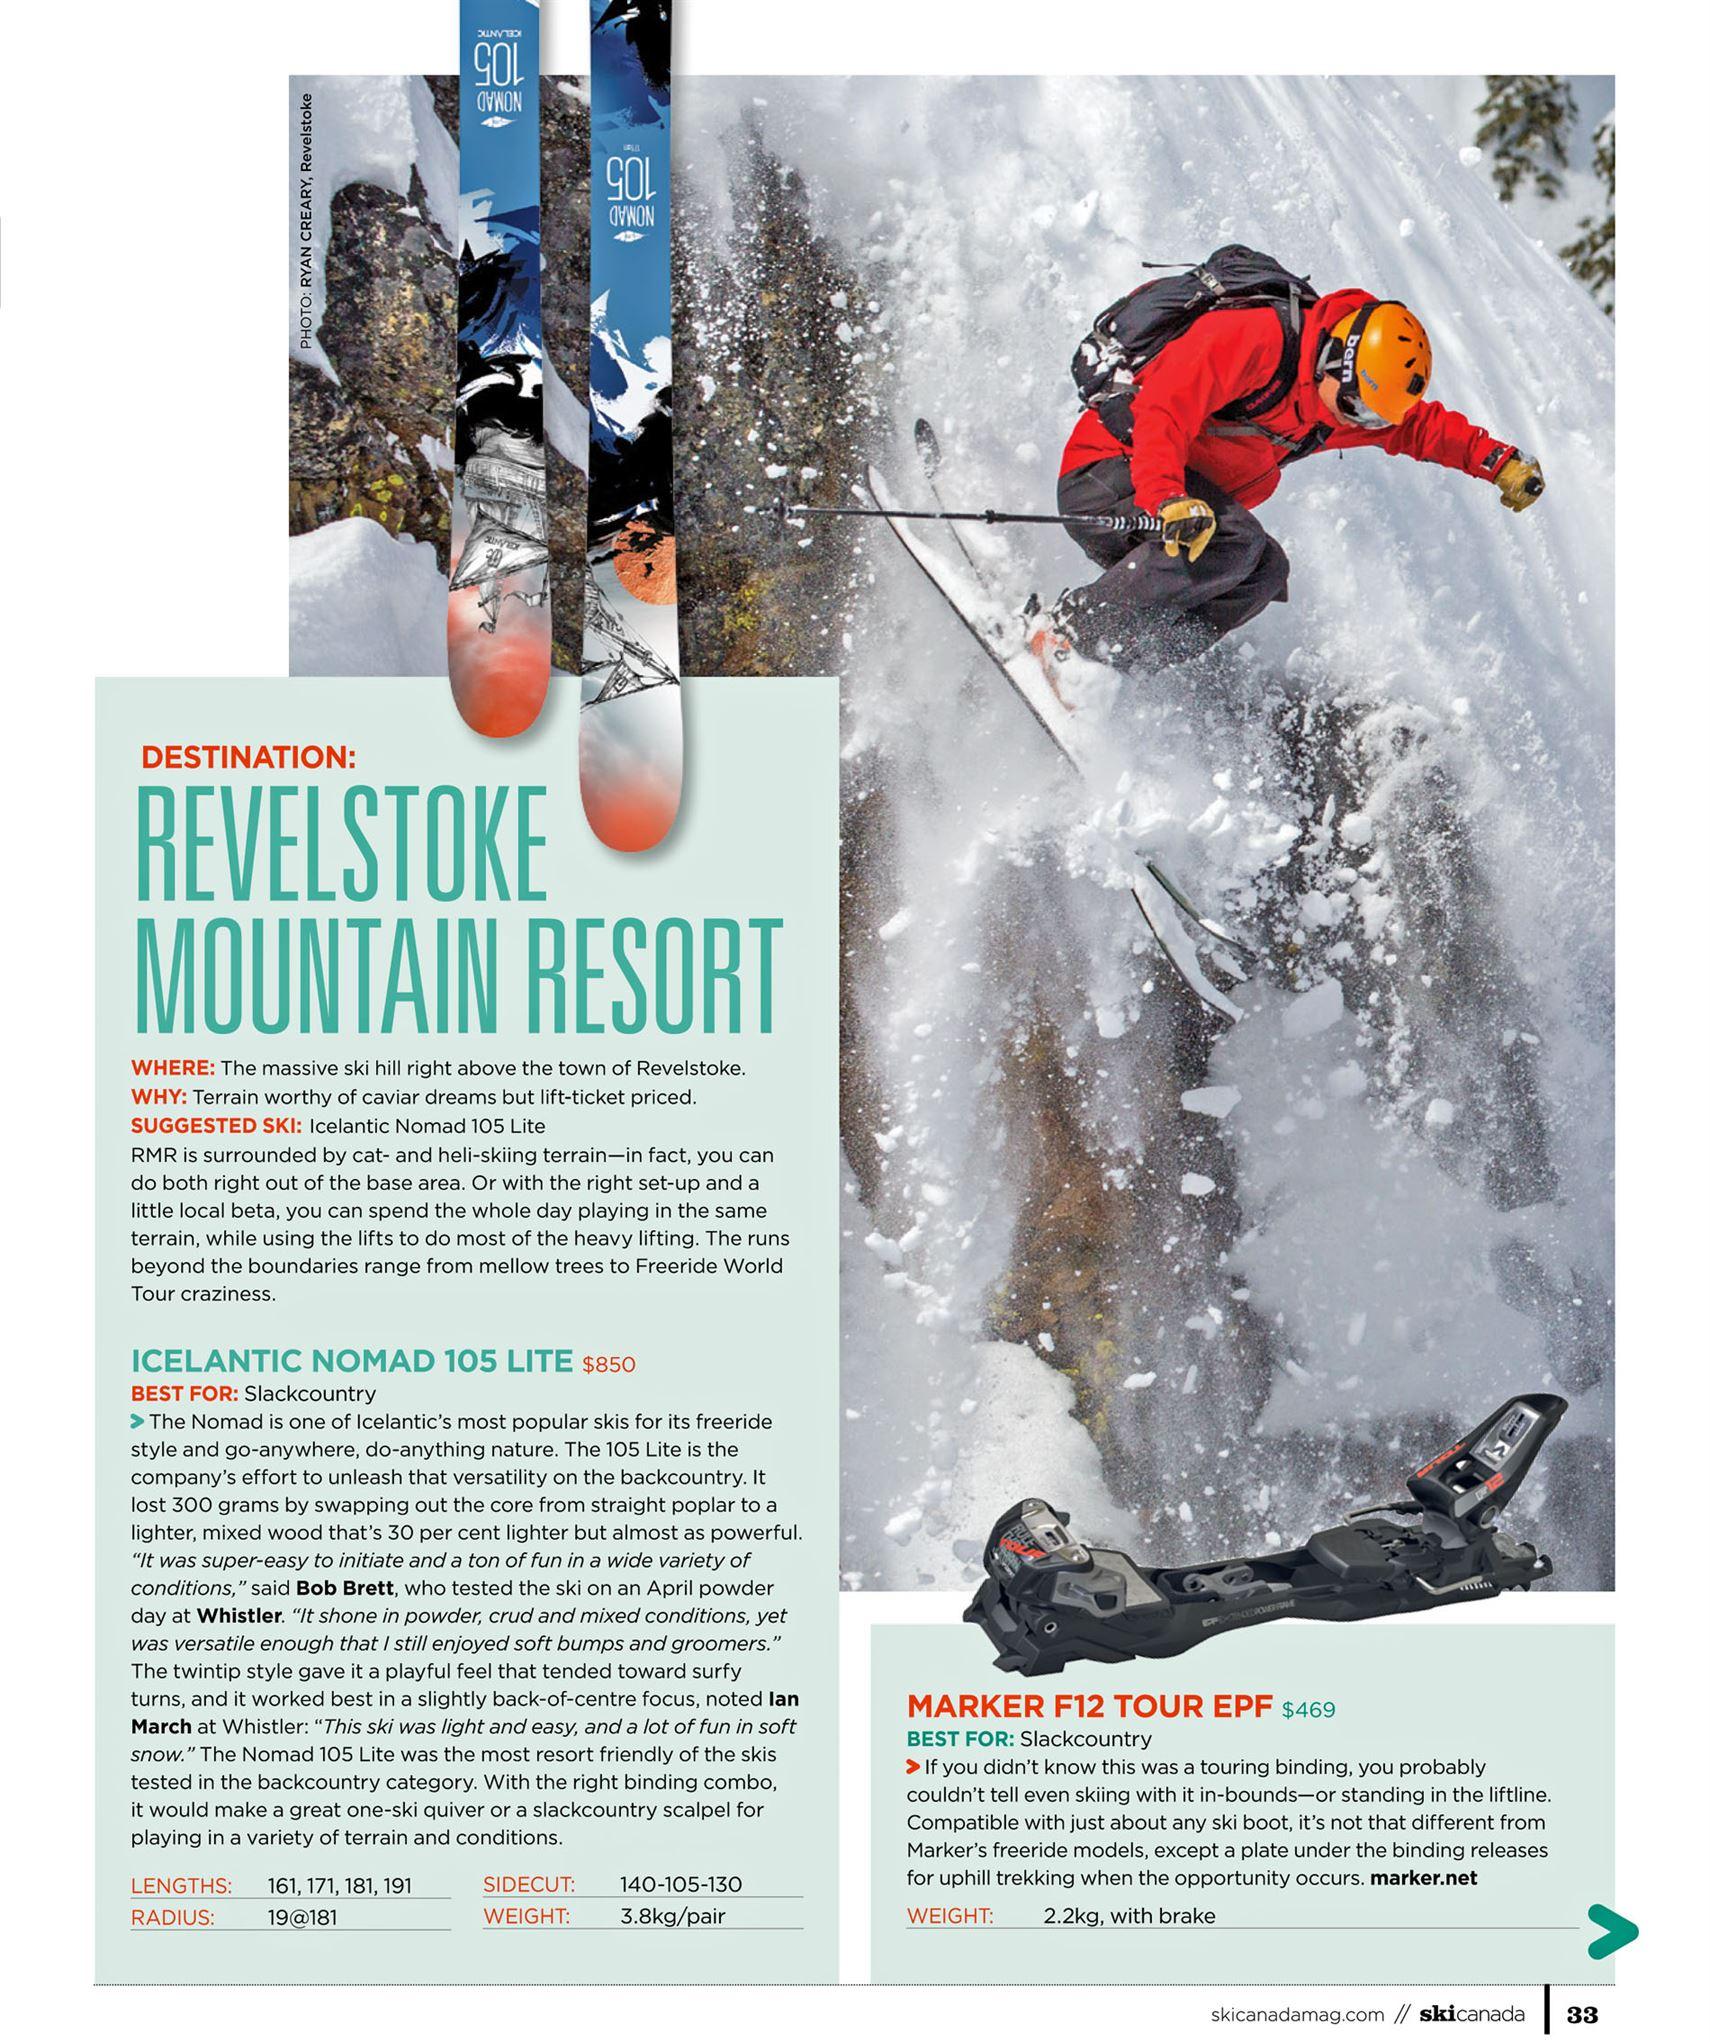 Combo: Revelstoke Mt Resort & Icelantic Nomad 105 Lite